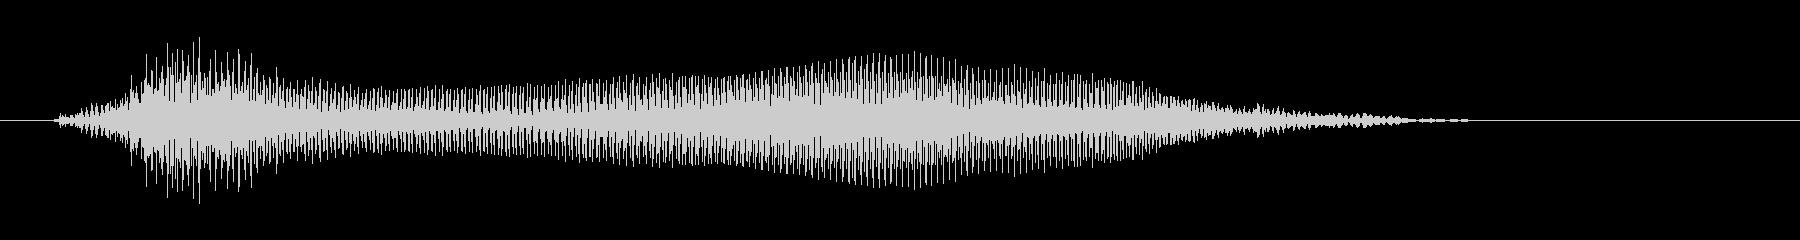 んん〜〜っ!の未再生の波形